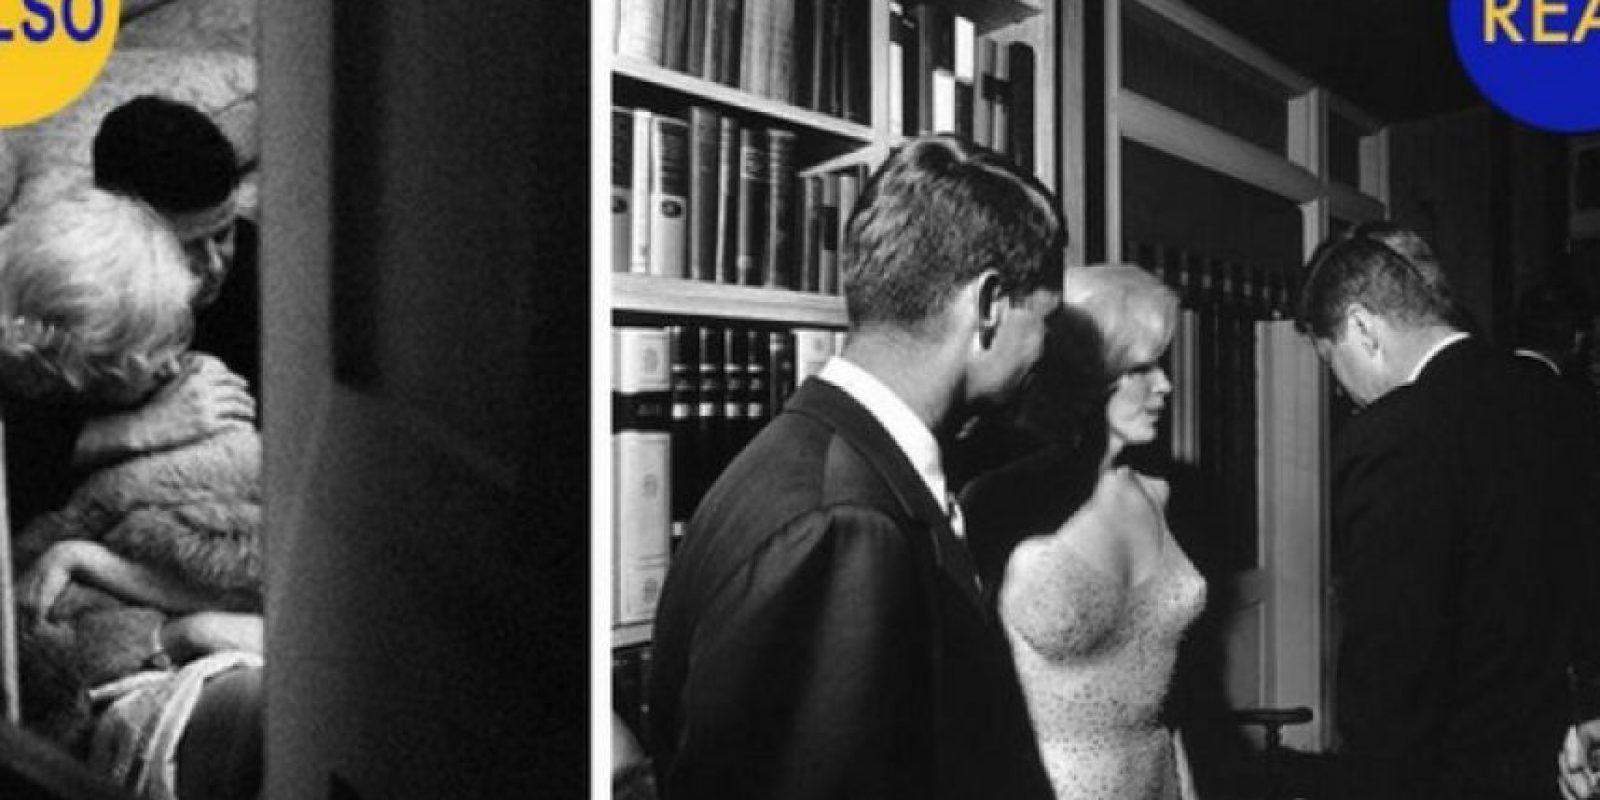 Kennedy y Marilyn Monroe en una situación intima: Se dice que JFK mantuvo un romance con Marilyn Monroe y en la foto de la izquierda aparecen ambos abrazados. No son ellos, son dos dobles fotografiados por la artista Allison Jackson, quien acostumbra usar dobles para recrear fotos. Foto:Flickr – Archivo